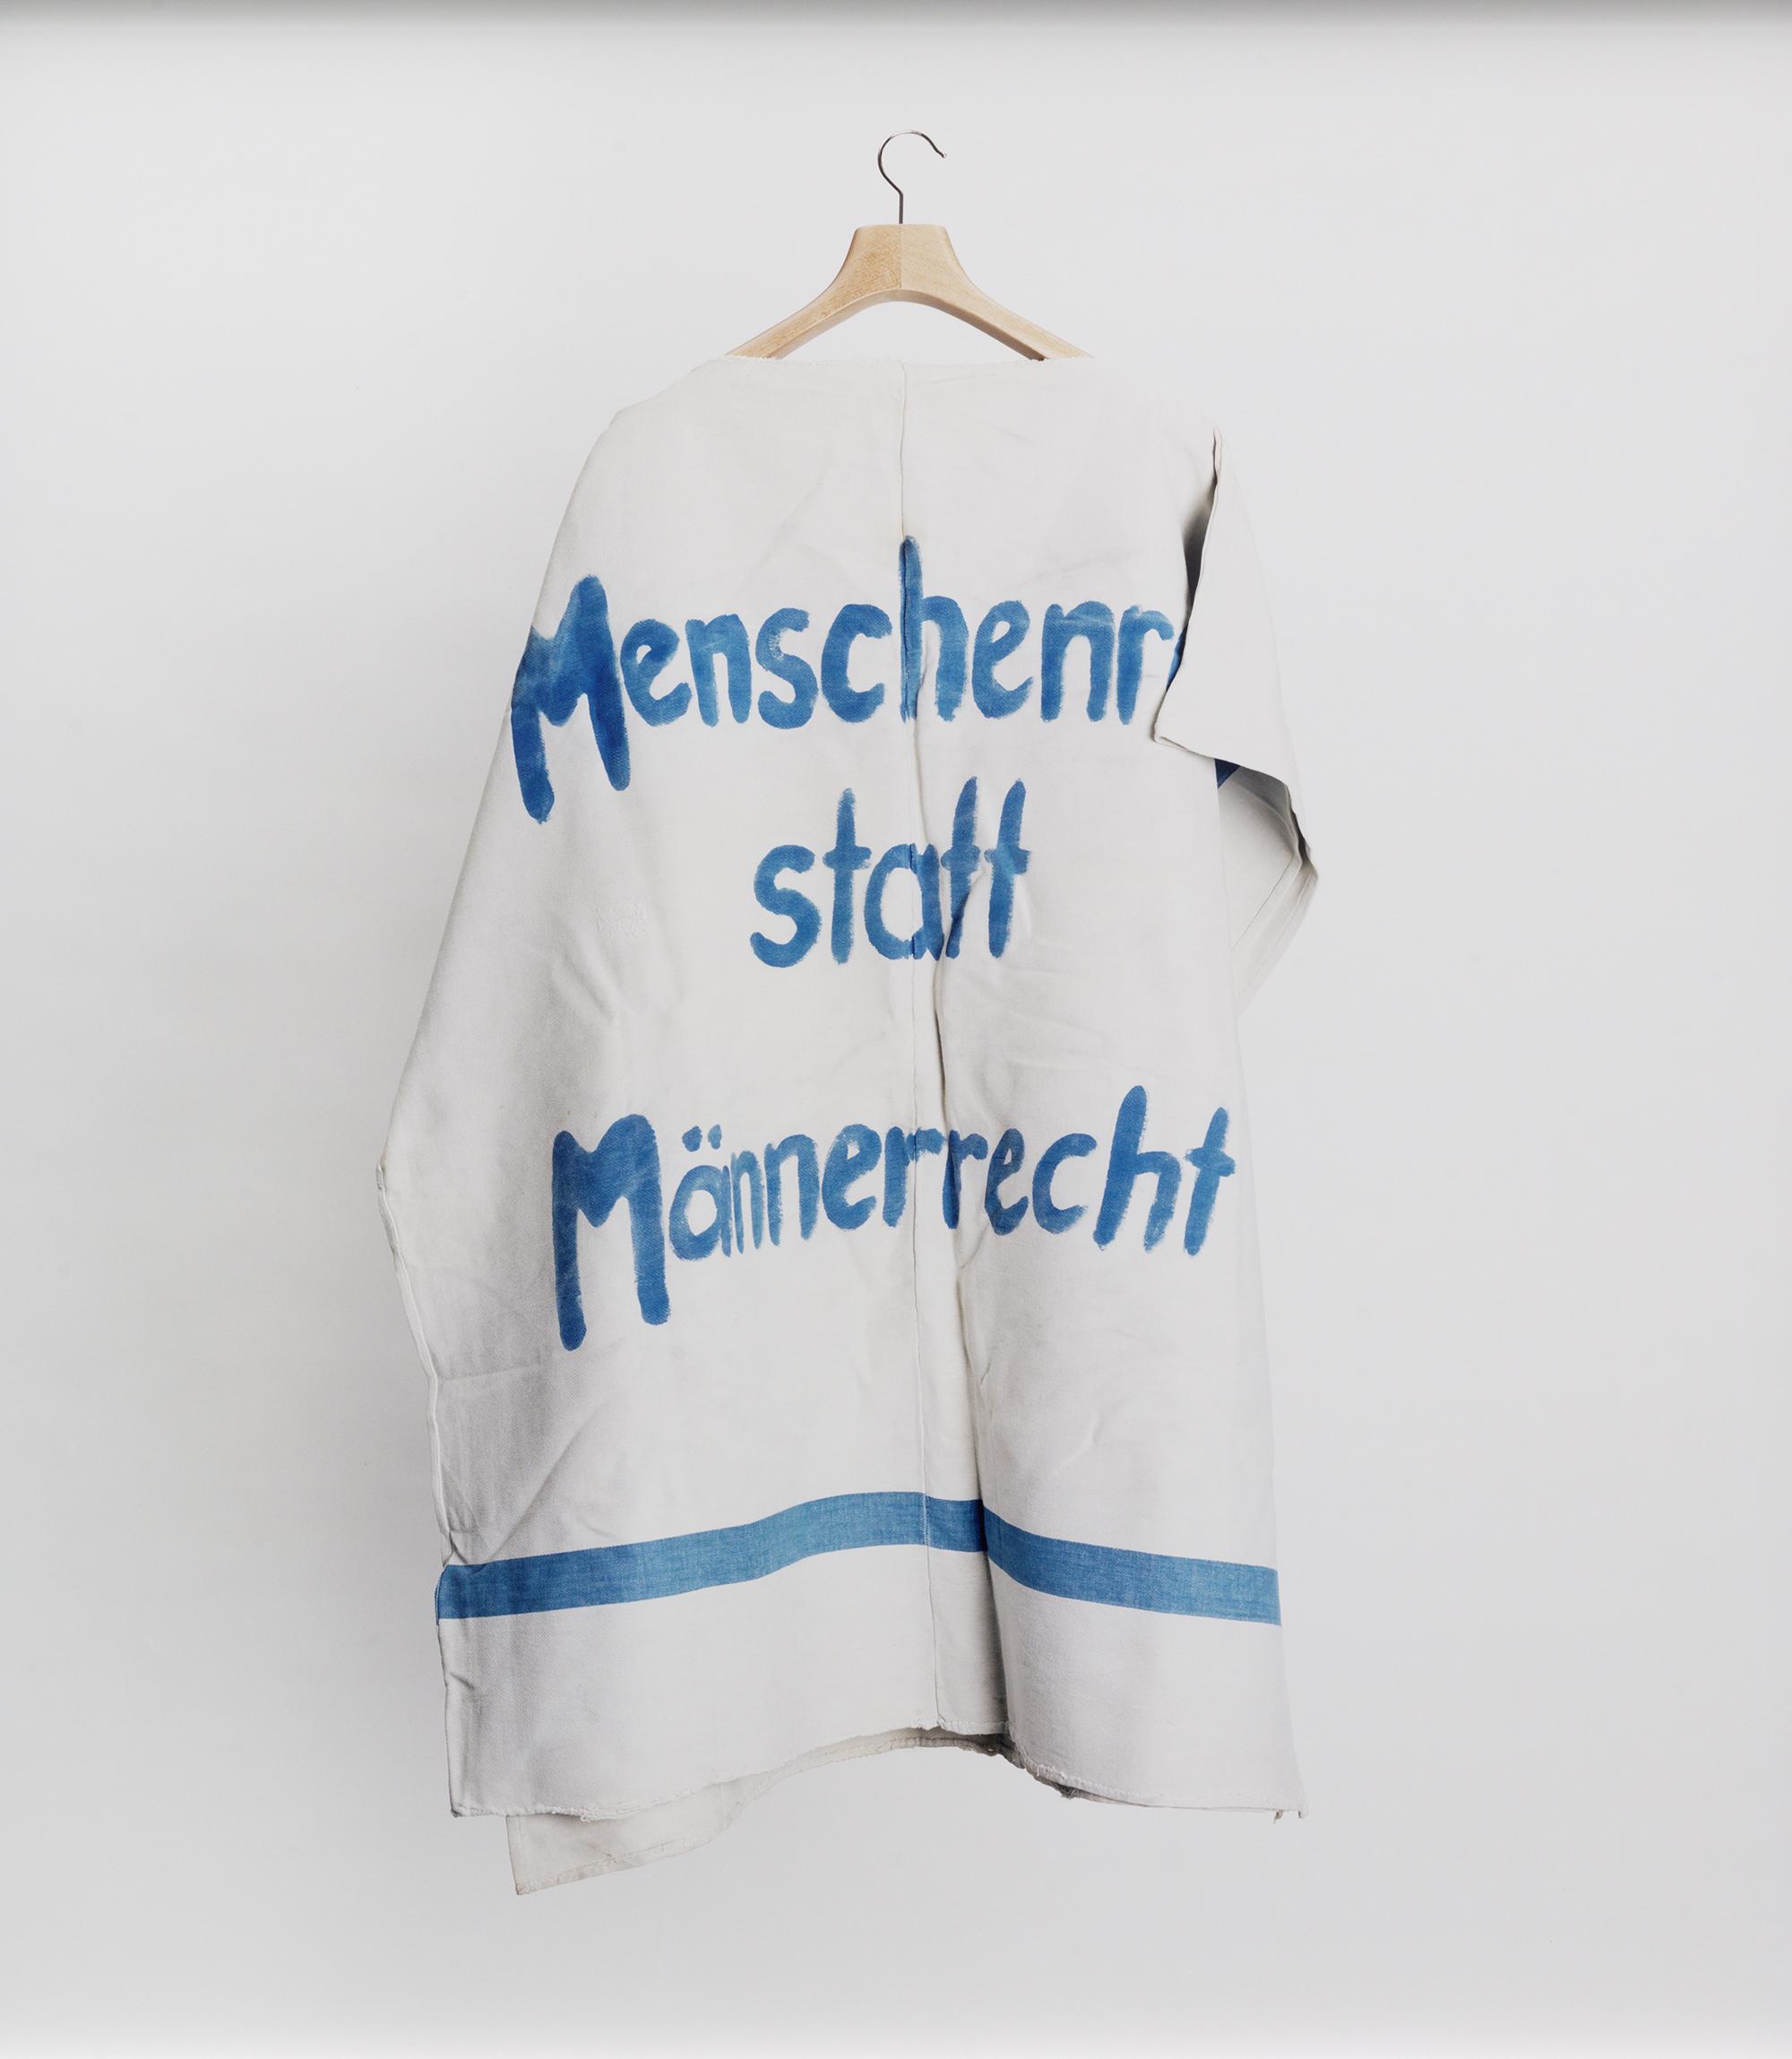 """Institut für Zeitgeschichte-Archiv, Bestand Hannelore Mabry / Bayerisches Archiv der Frauenbewegung, Signatur ED 900, Box 531, Körp erüberhang: """"Keine Mark, kein Dollar, kein Rubel für Waffen! DER FEMINIST"""" / """"Menschenrecht statt Männerrecht"""" 2014"""